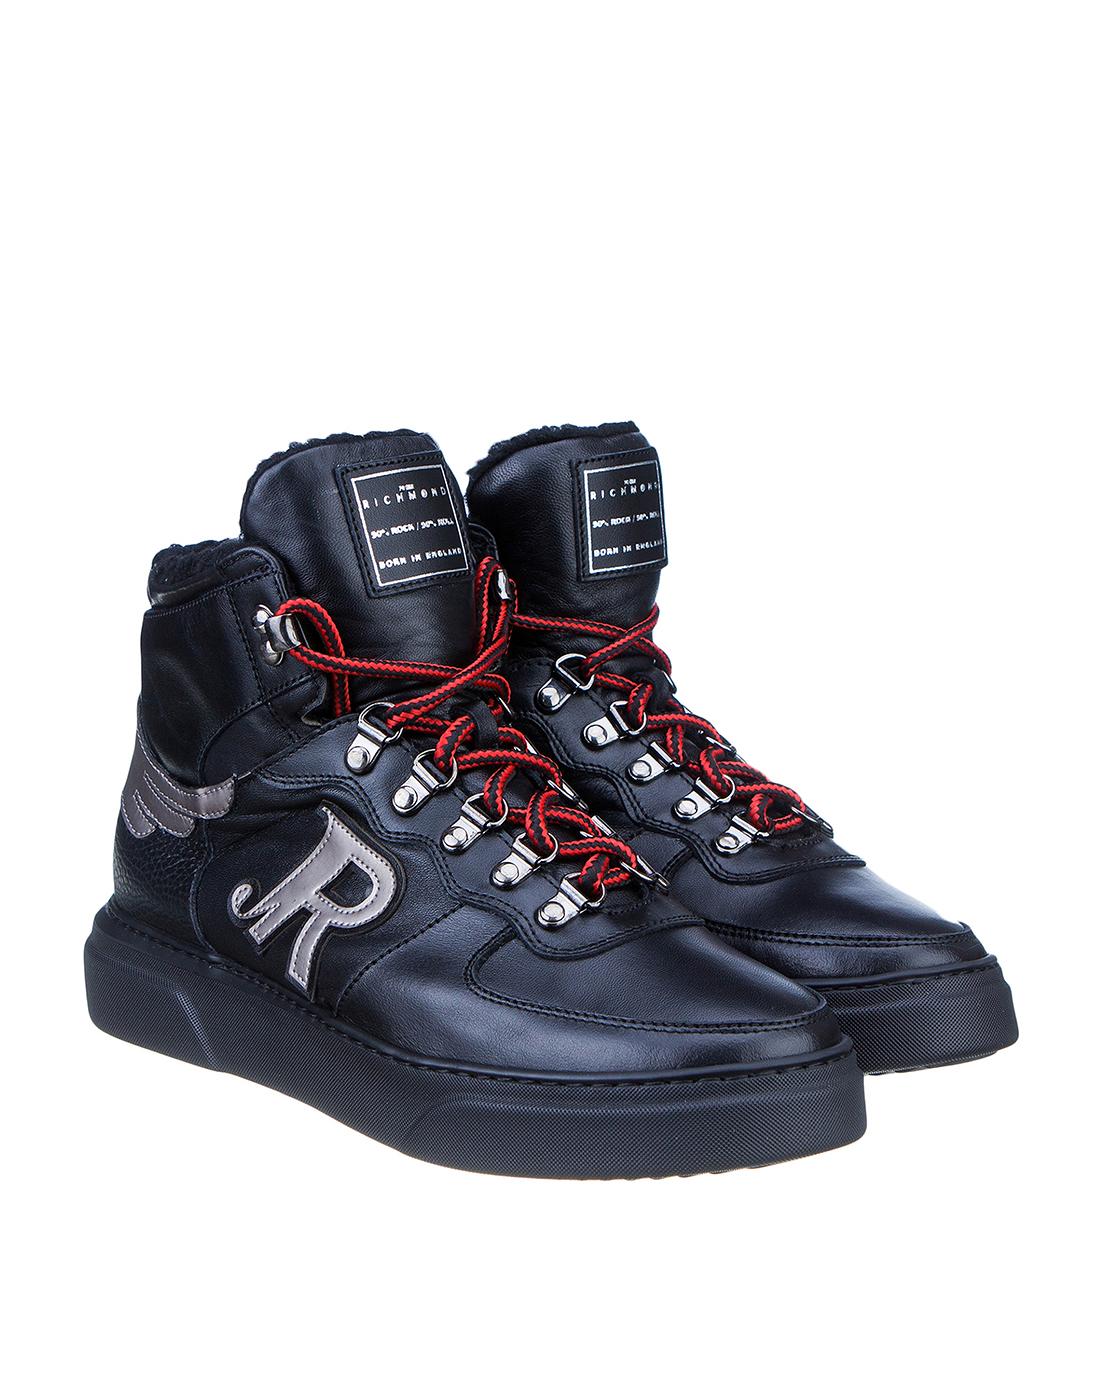 Кроссовки черные мужские John Richmond S8125 VAR A-2